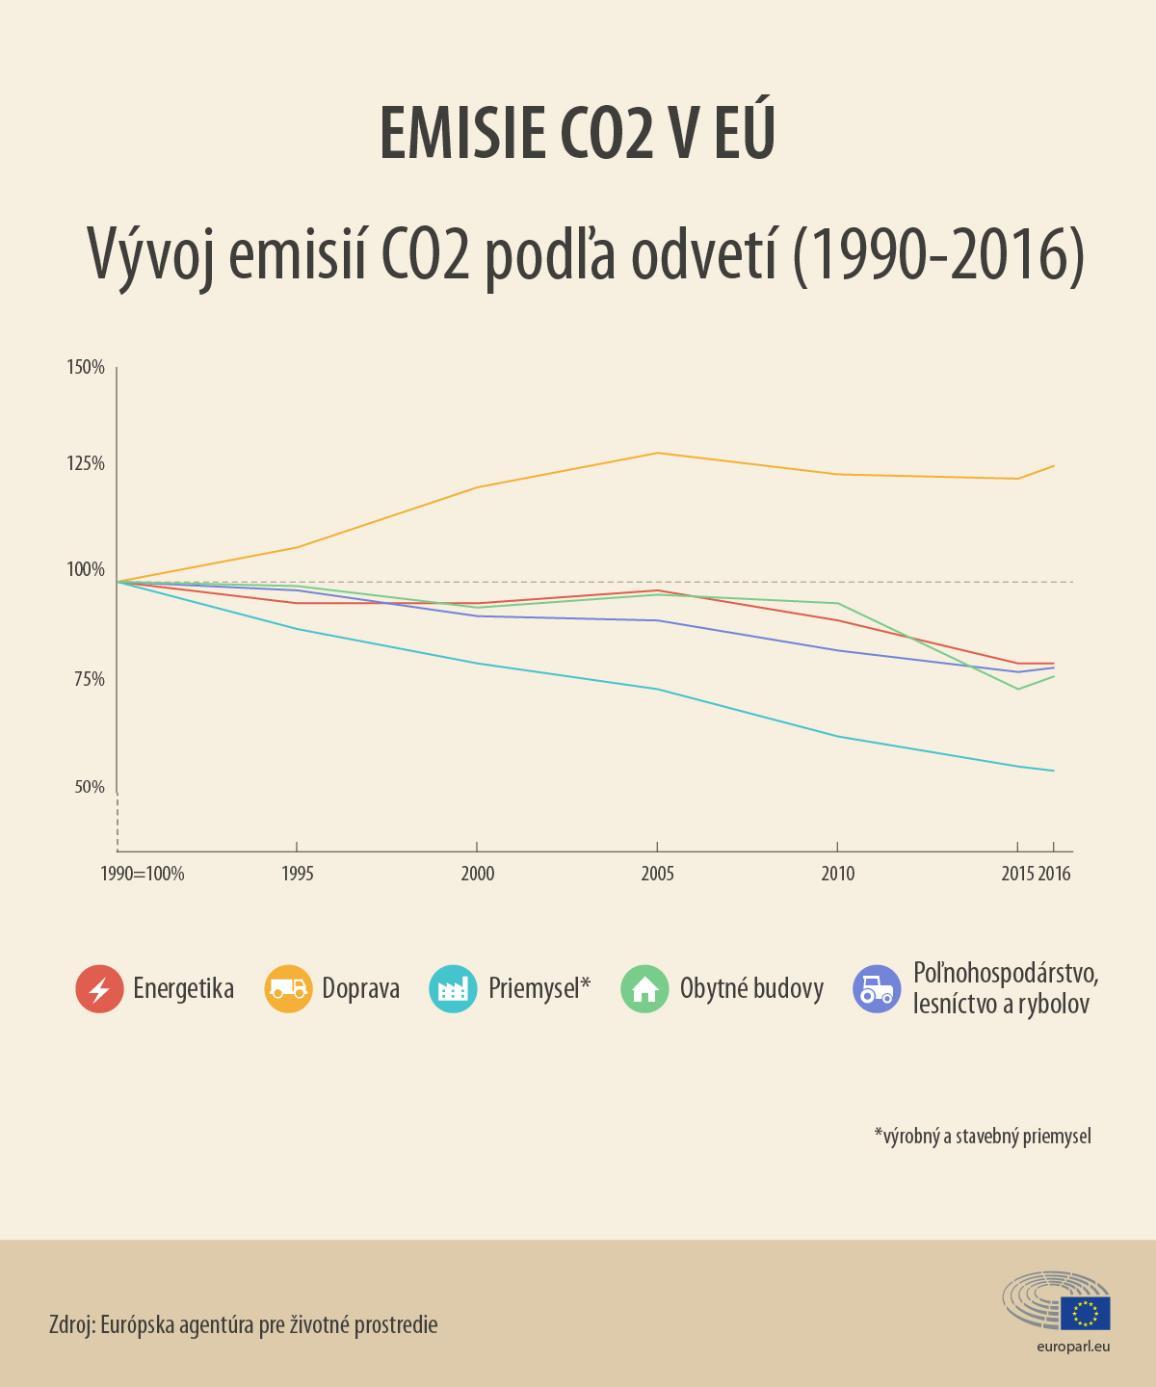 graf o vývoji emisií vo viacerých odvetviach